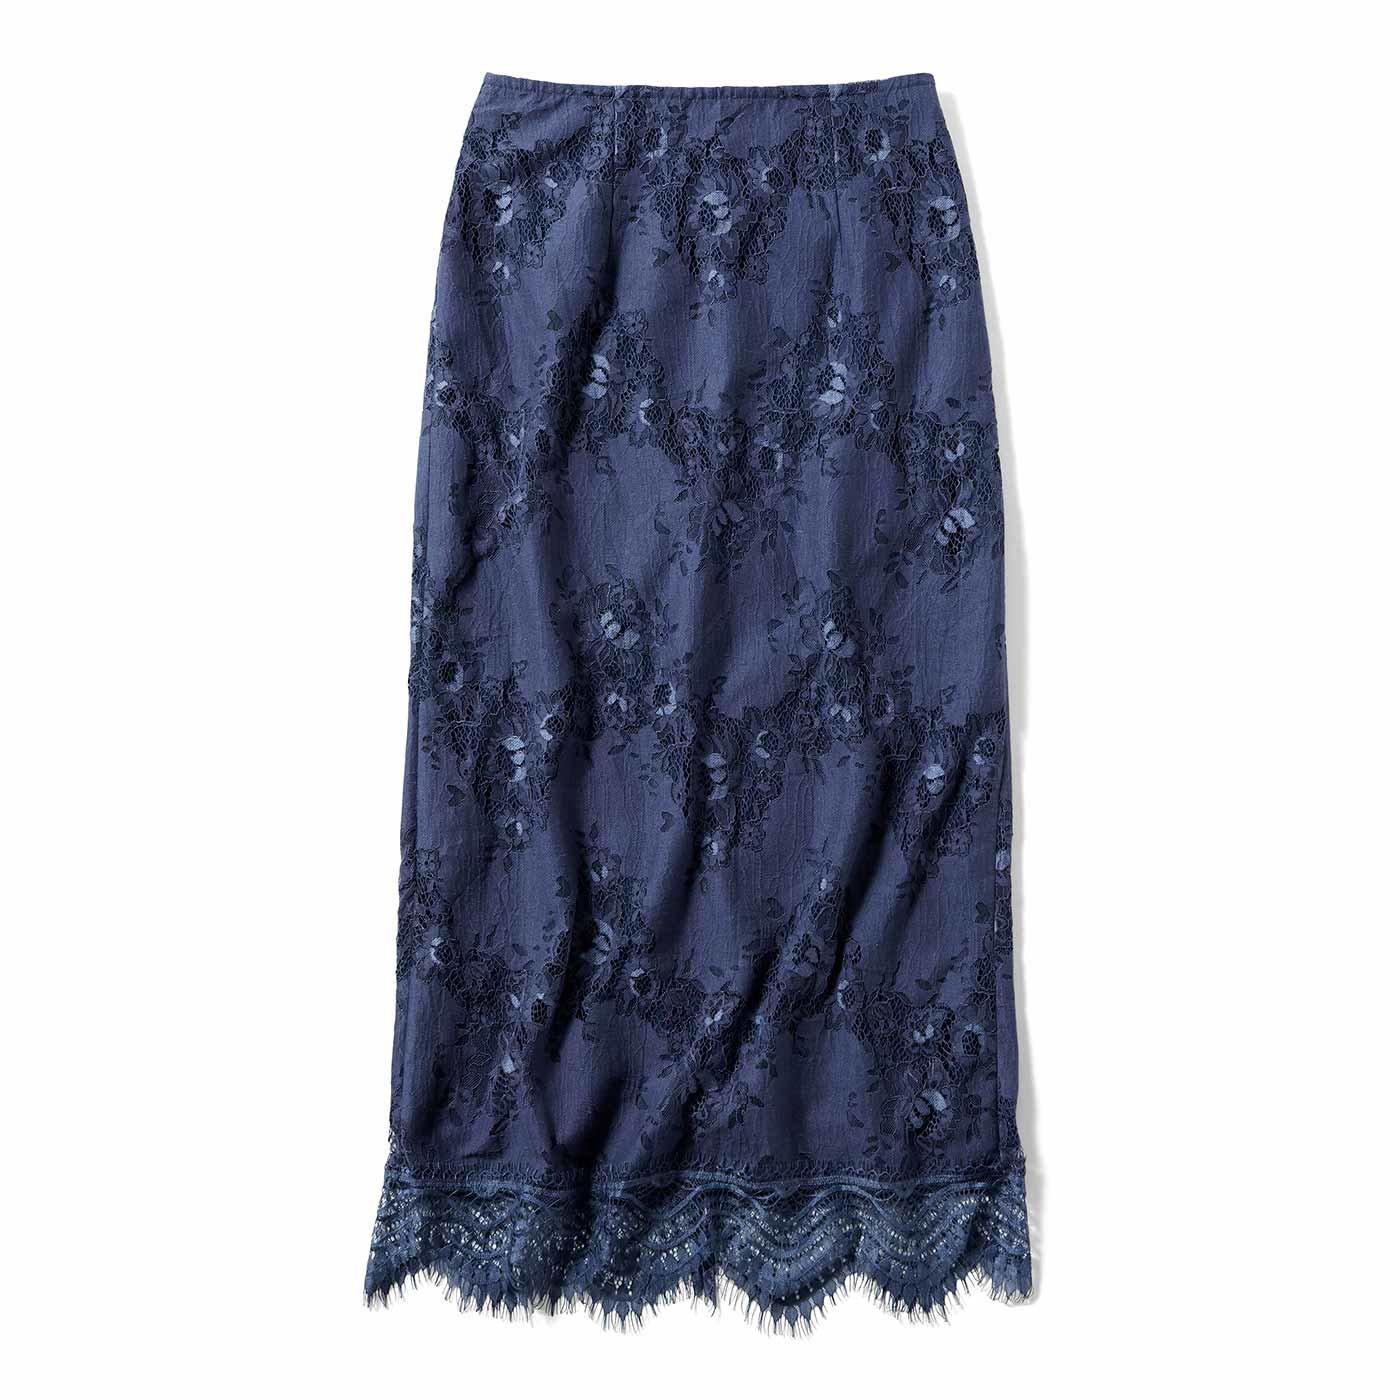 IEDIT[イディット] コーデがすっきり見える レースIラインスカート〈グレイッシュネイビー〉